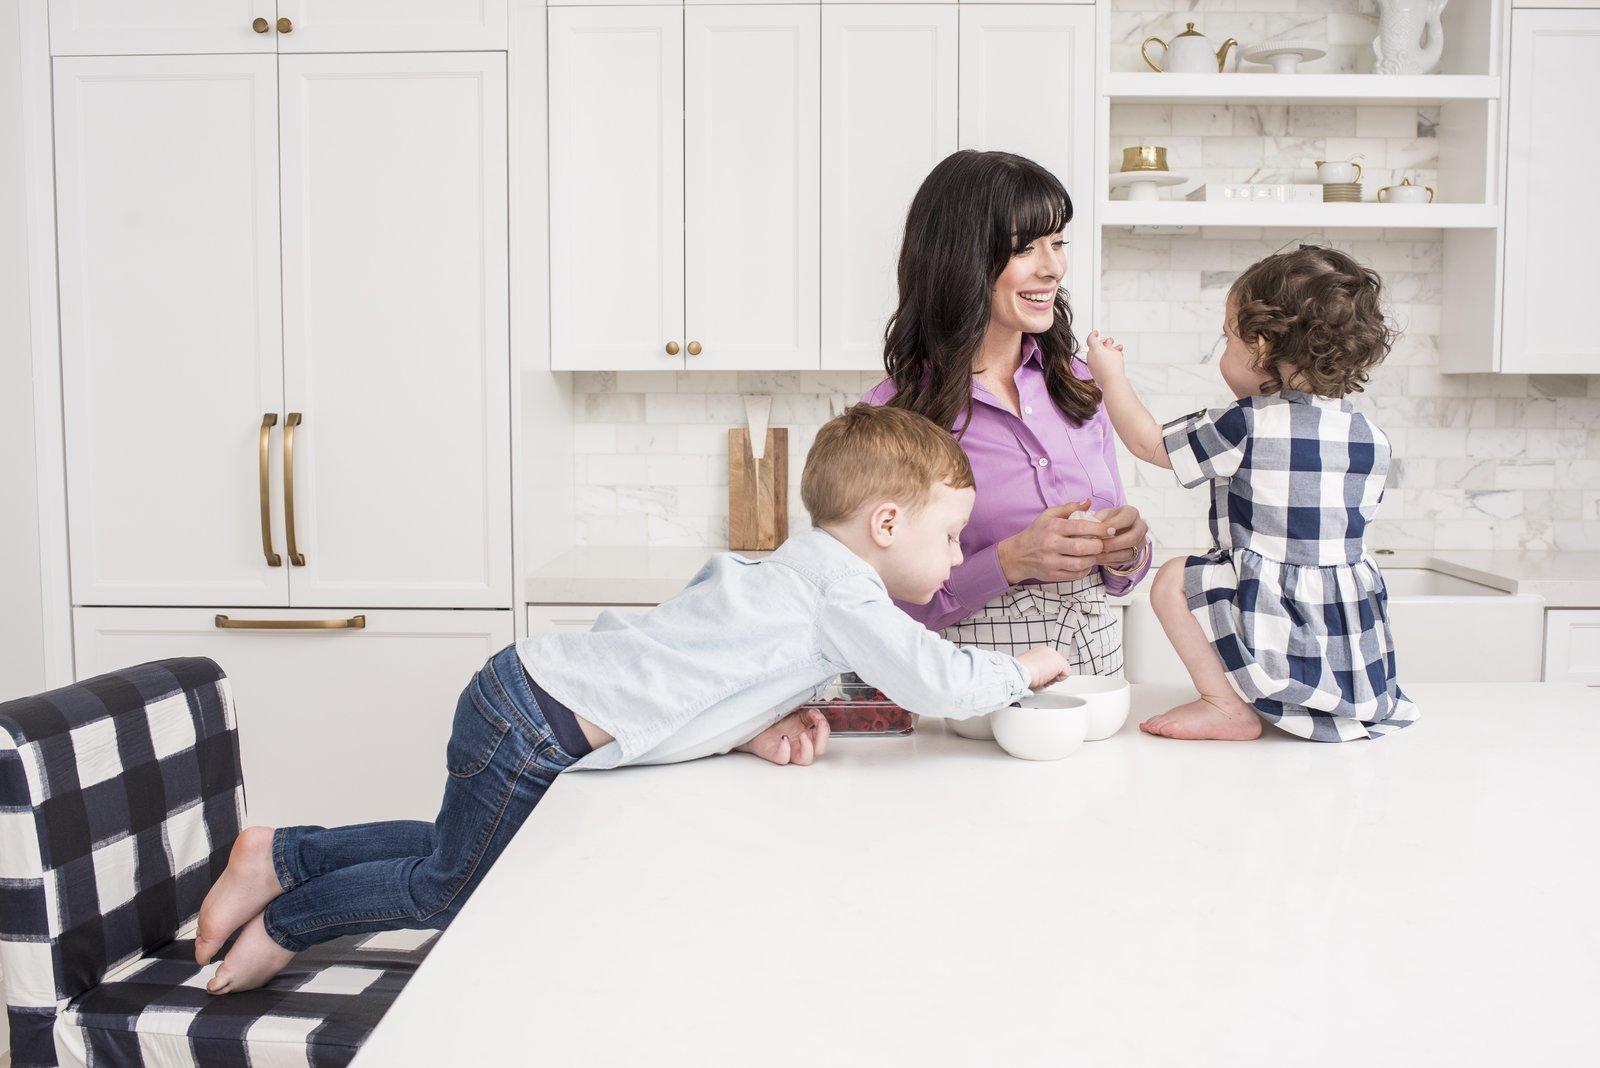 An Interior Designer's Streamlined Kitchen - Photo 1 of 8